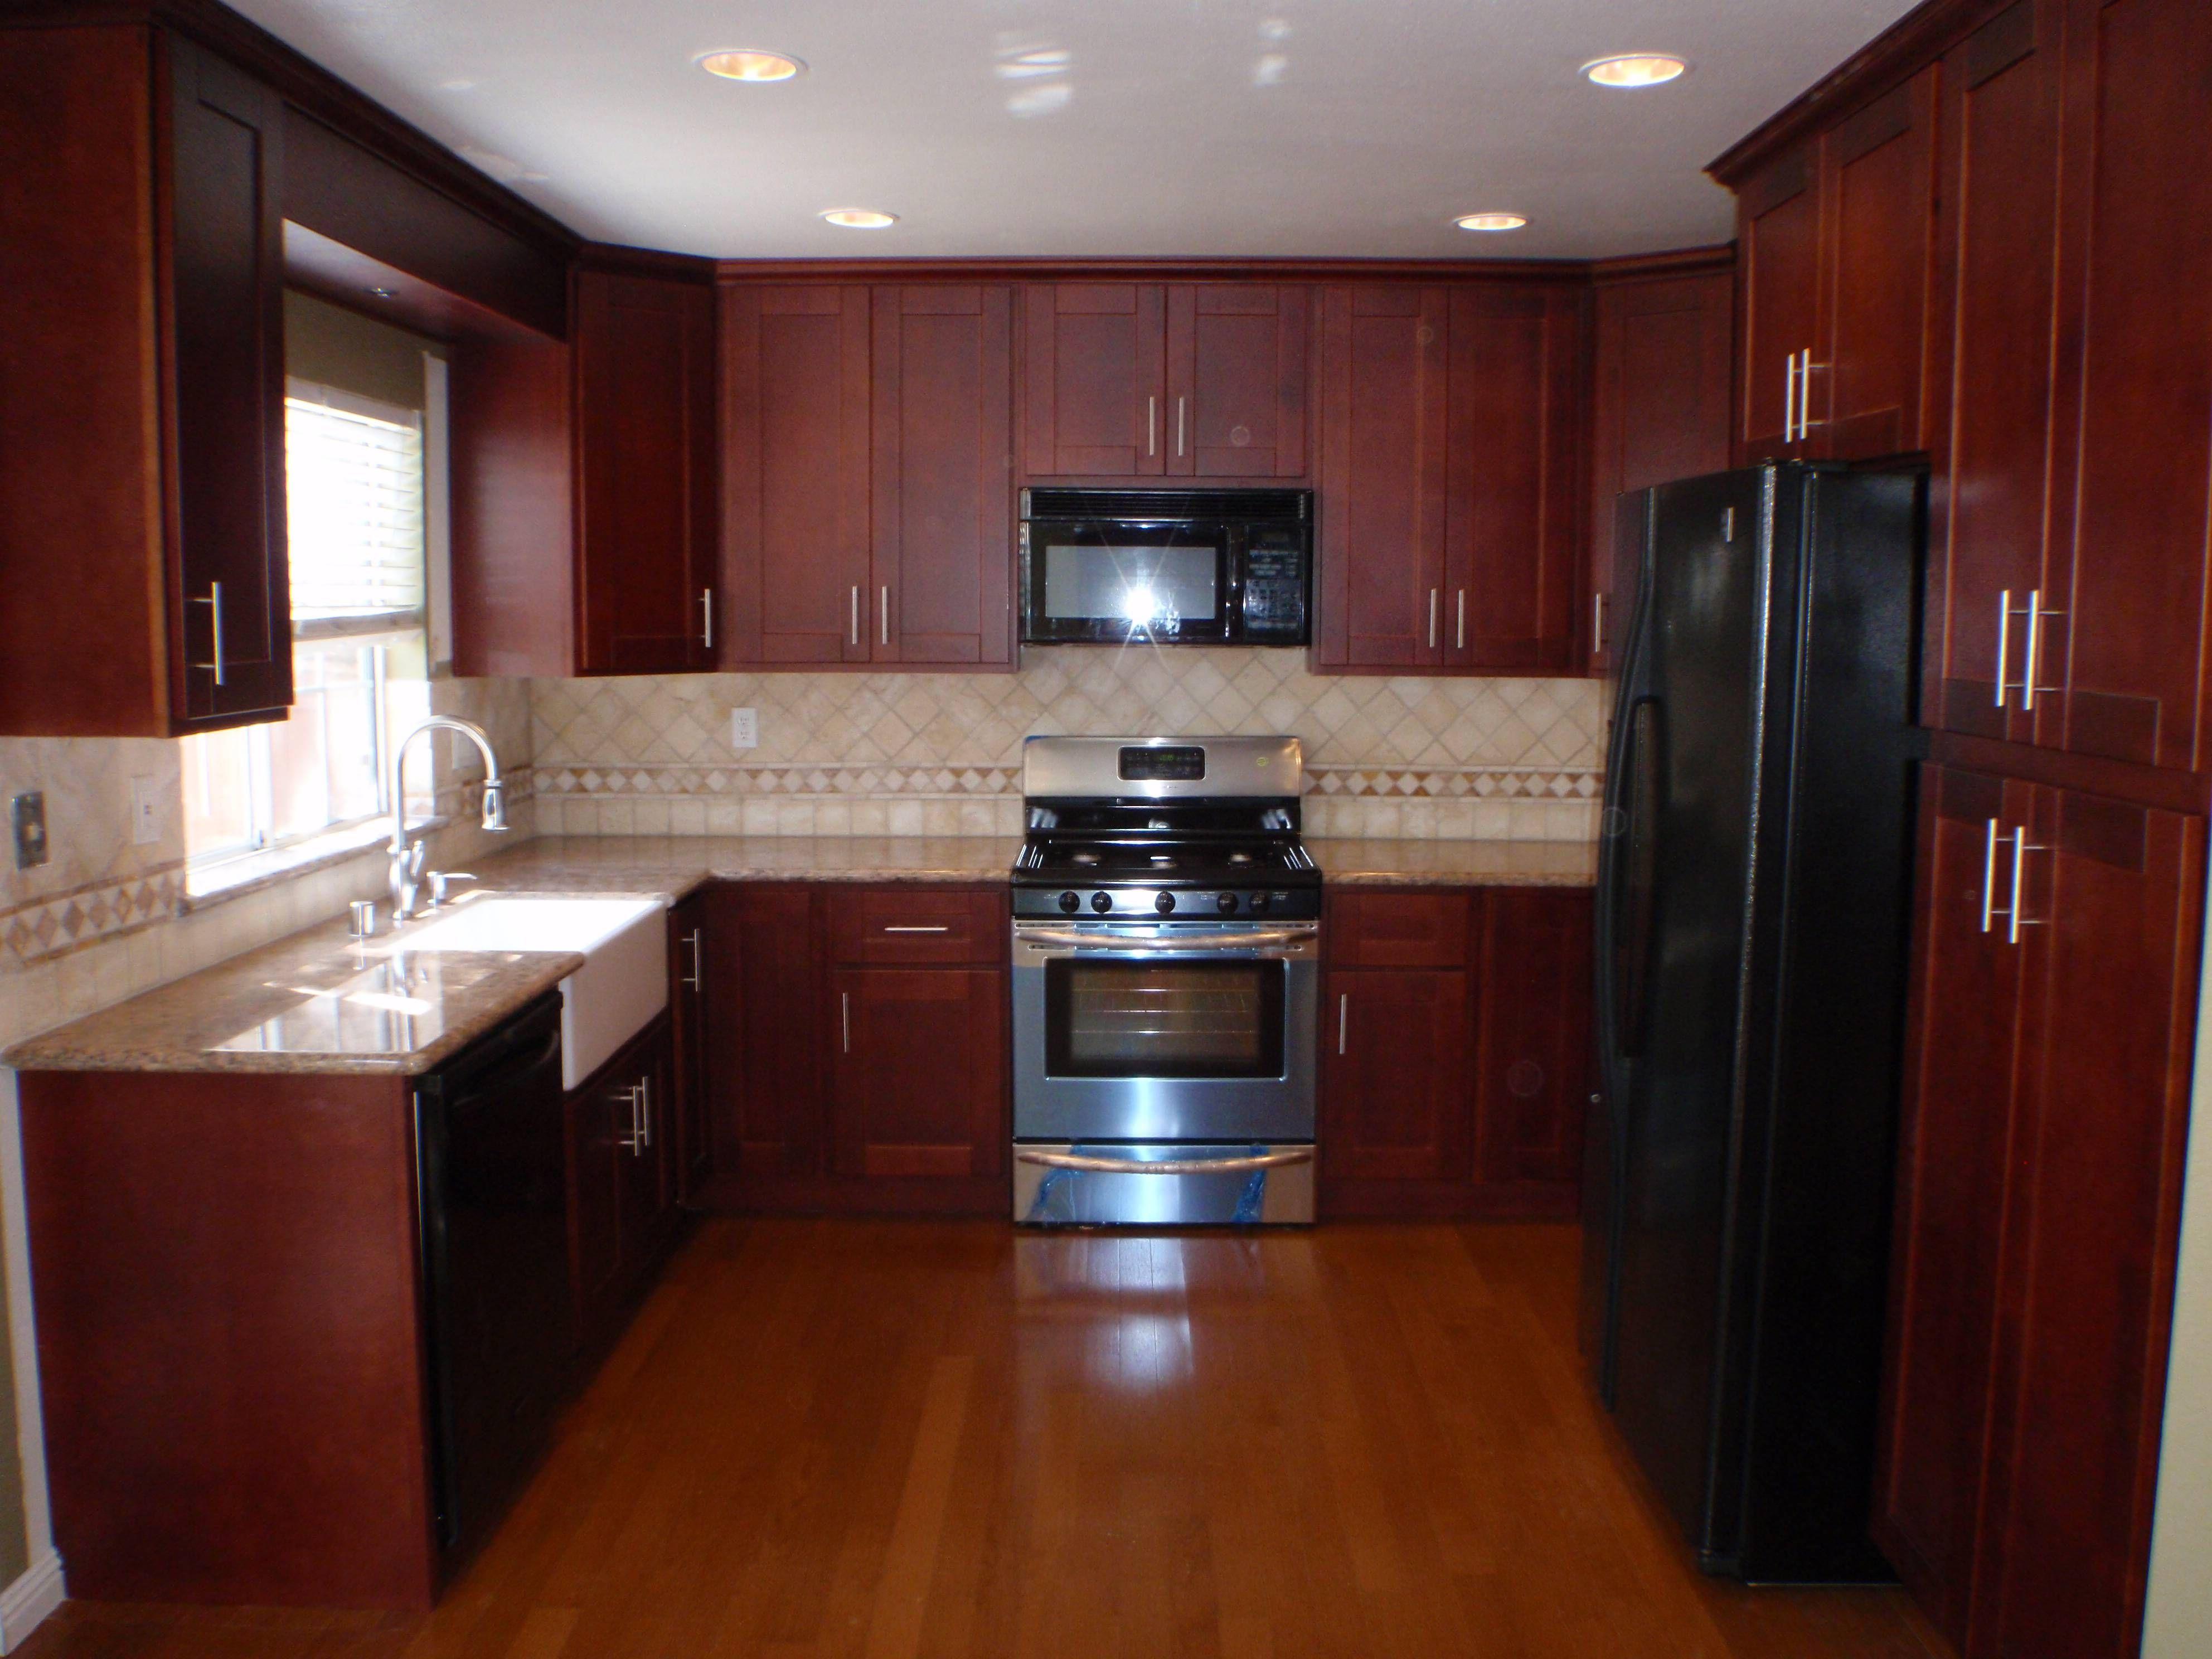 Sears Quartz Kitchen Countertops | Shaker kitchen cabinets ...